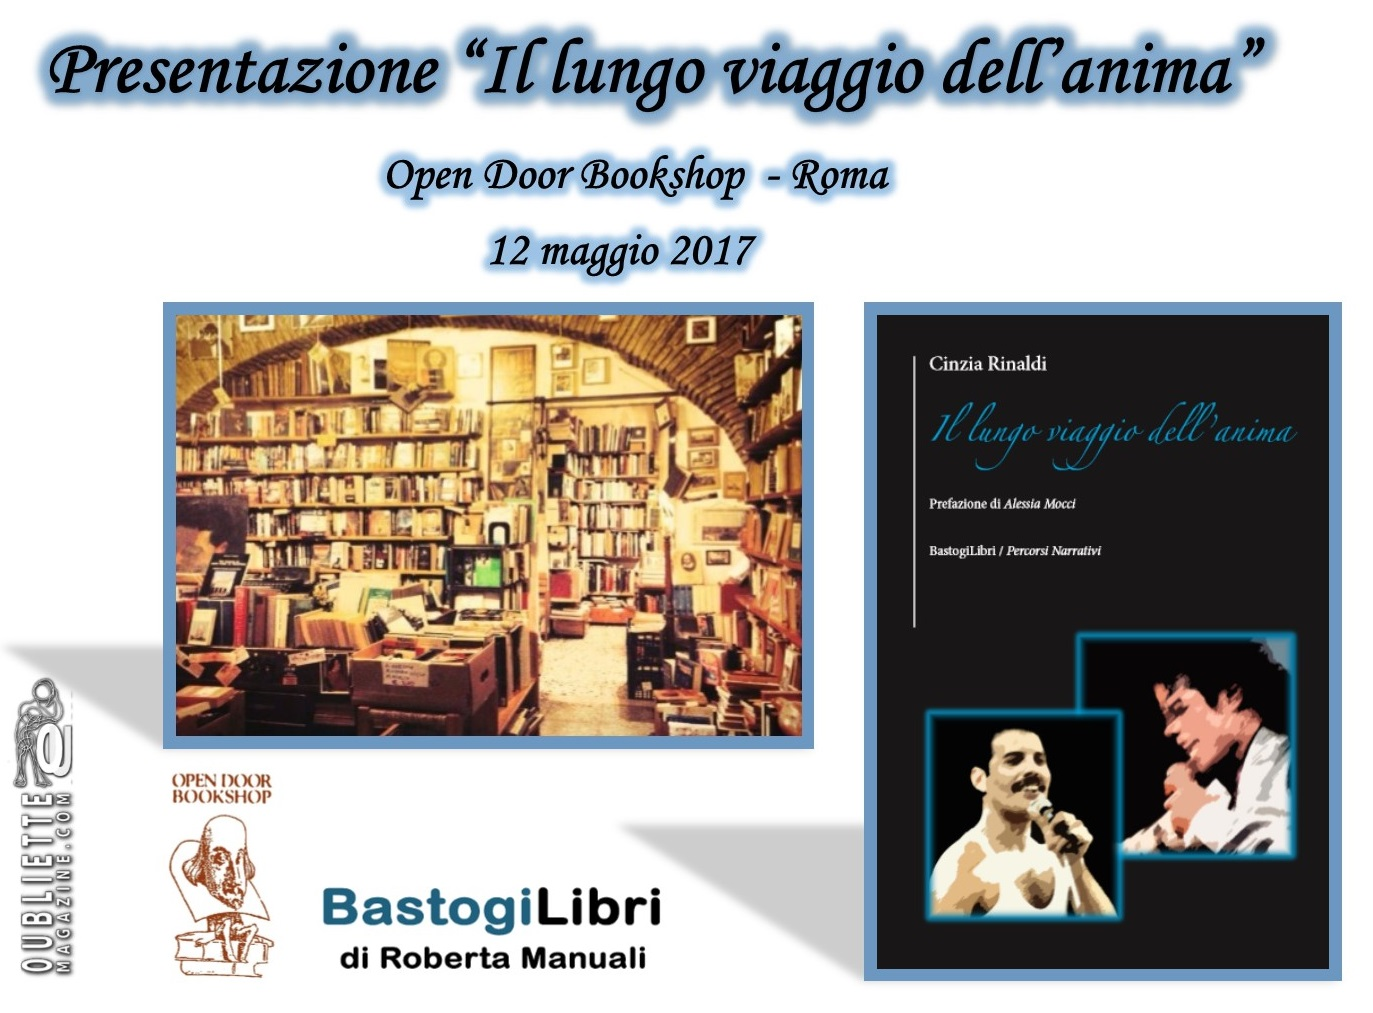 """Presentazione """"Il lungo viaggio dell'anima"""" di Cinzia Rinaldi, 12 maggio 2017, Open Door Bookshop di Roma"""